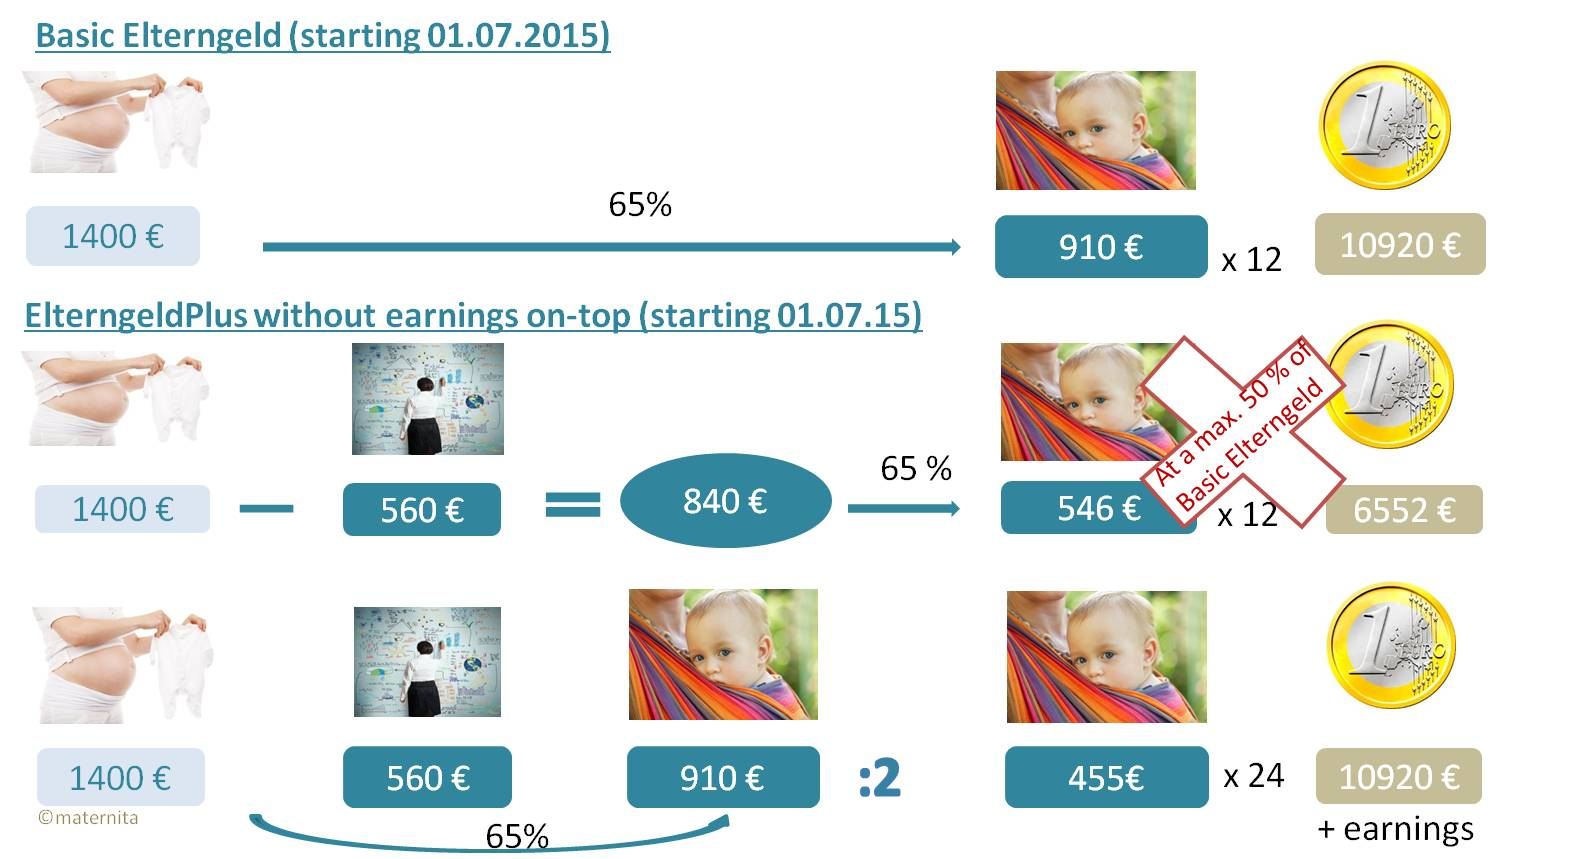 E- ElterngeldPLUS